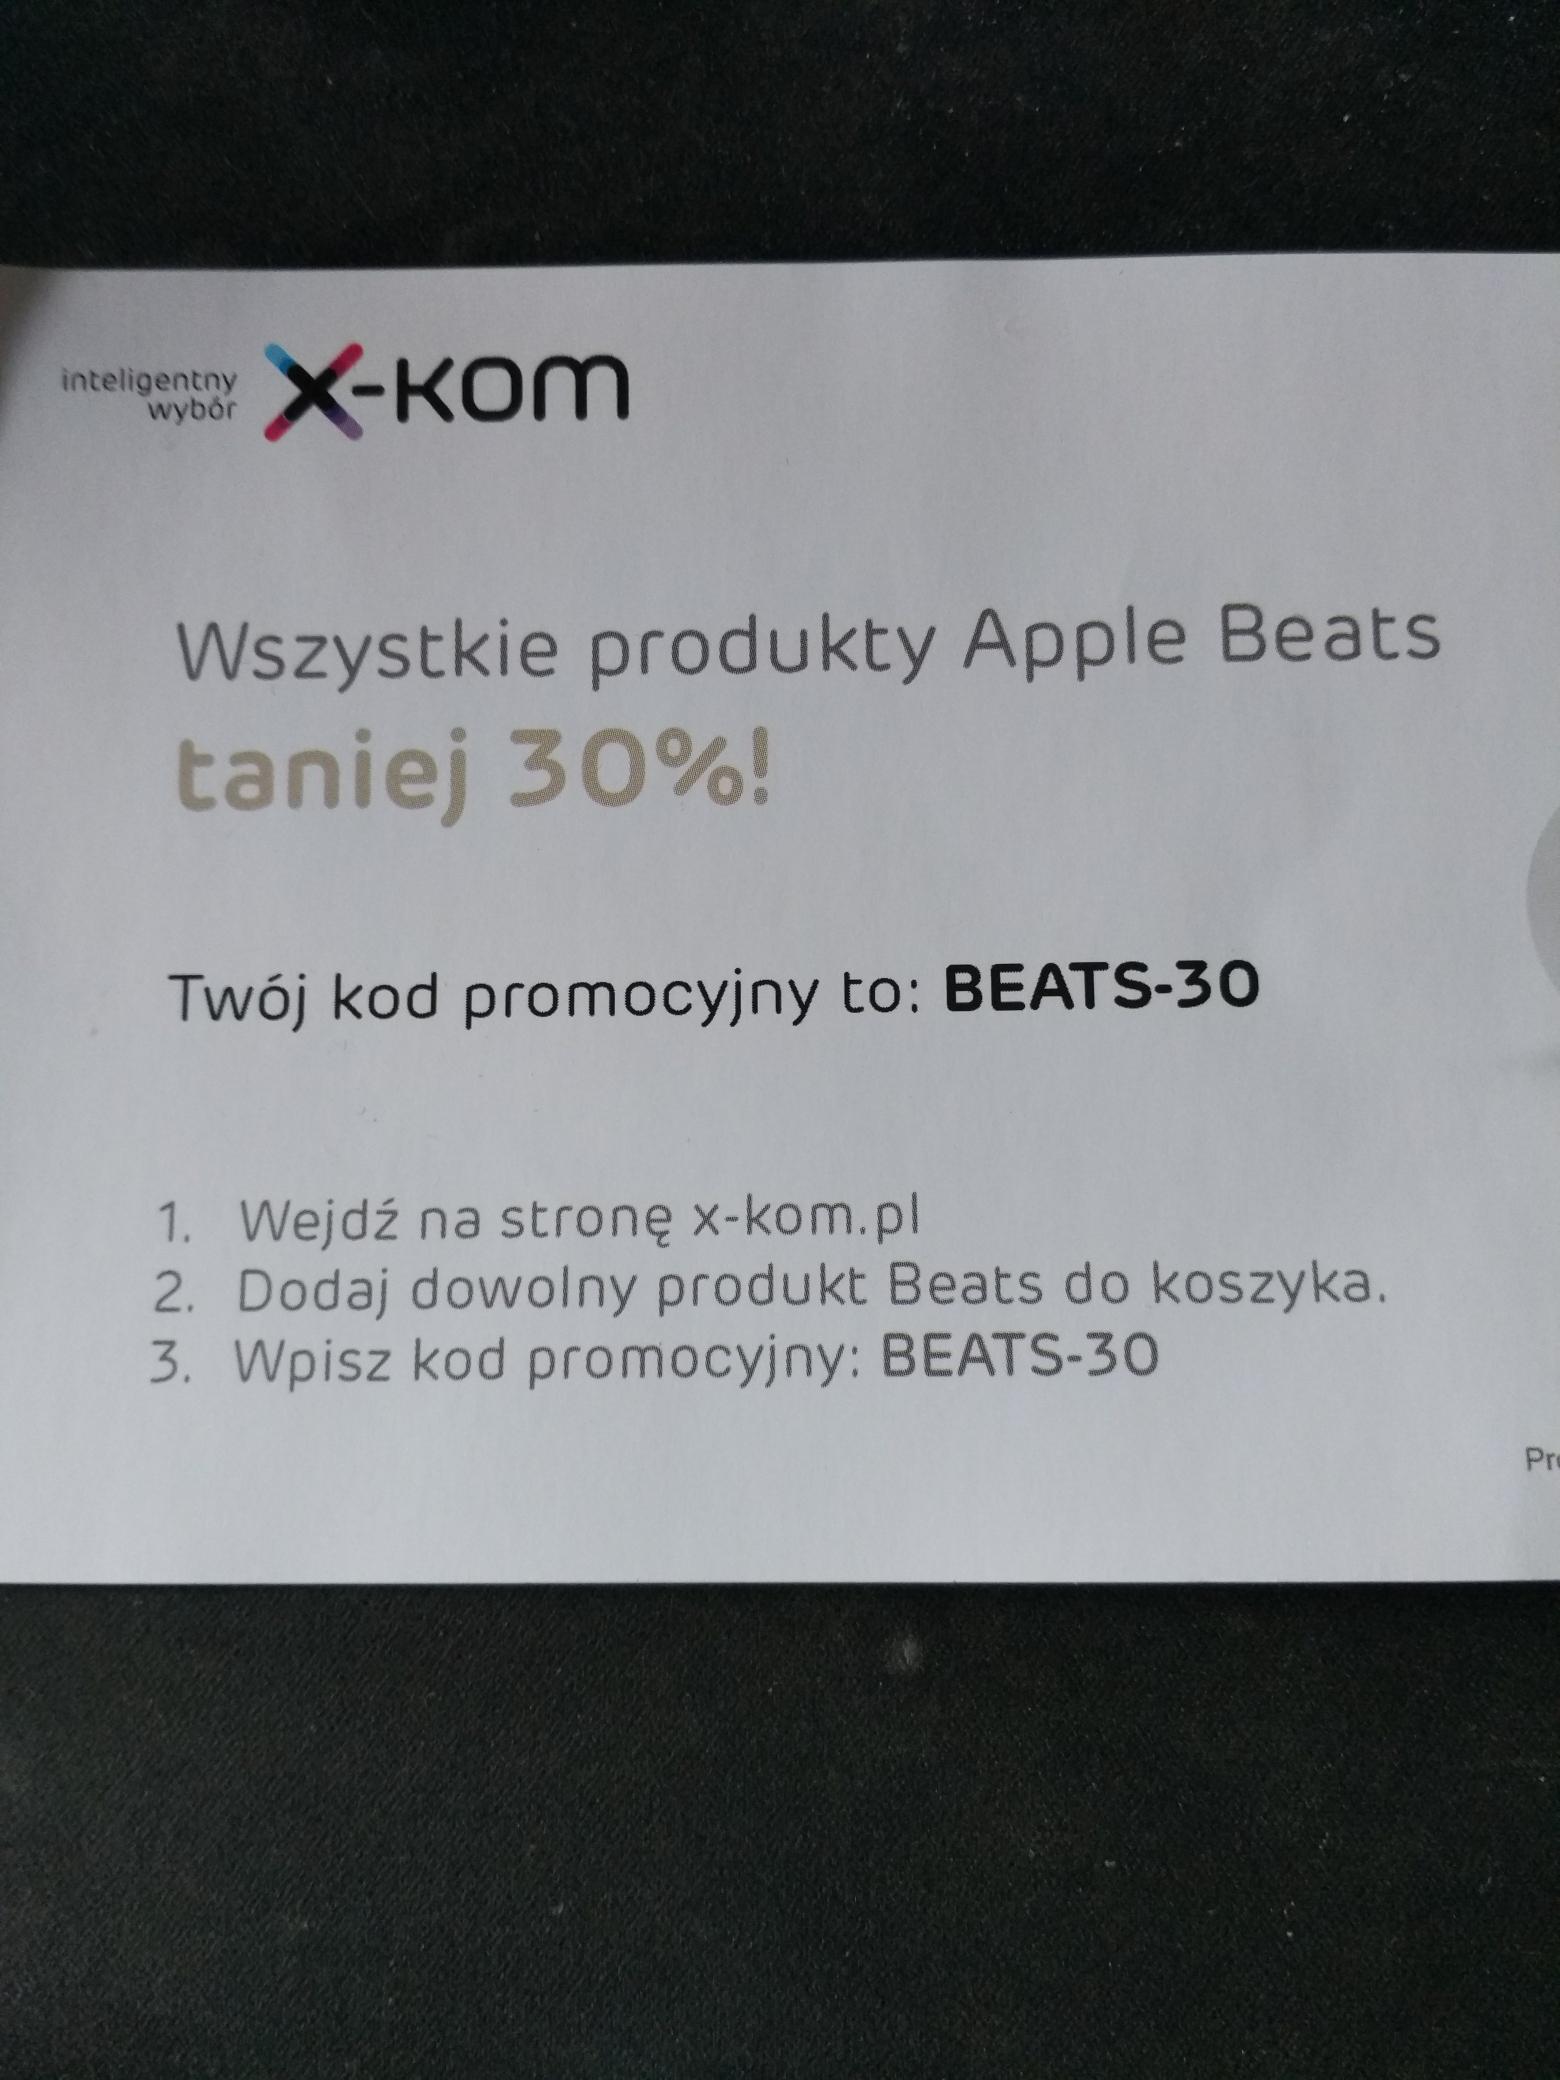 Produkty Apple Beats taniej o 30%